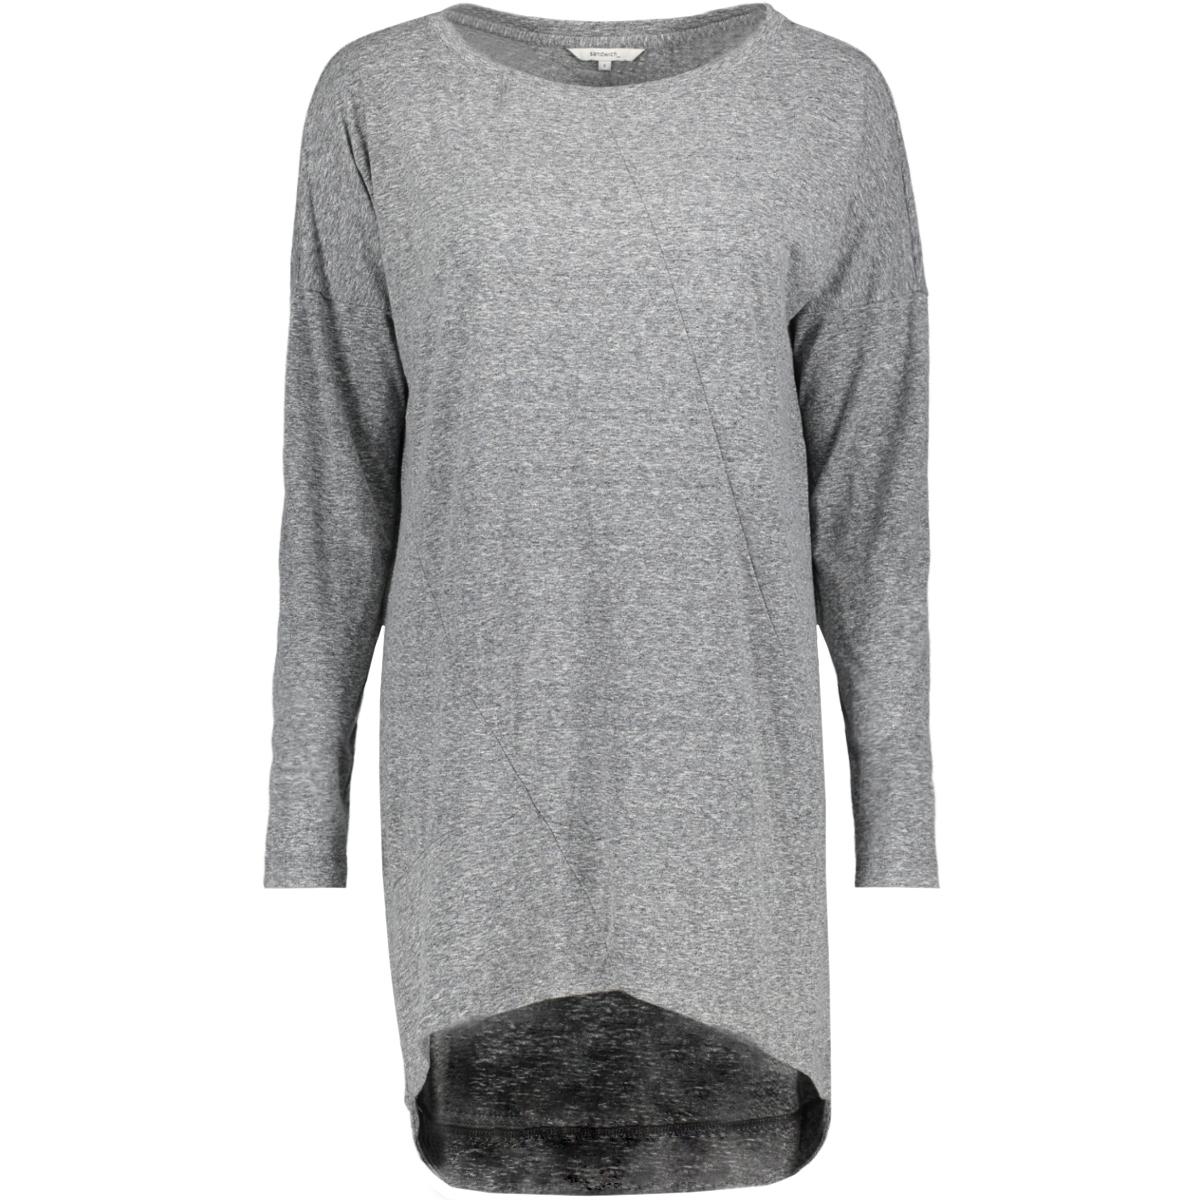 21101505 sandwich t-shirt 80070